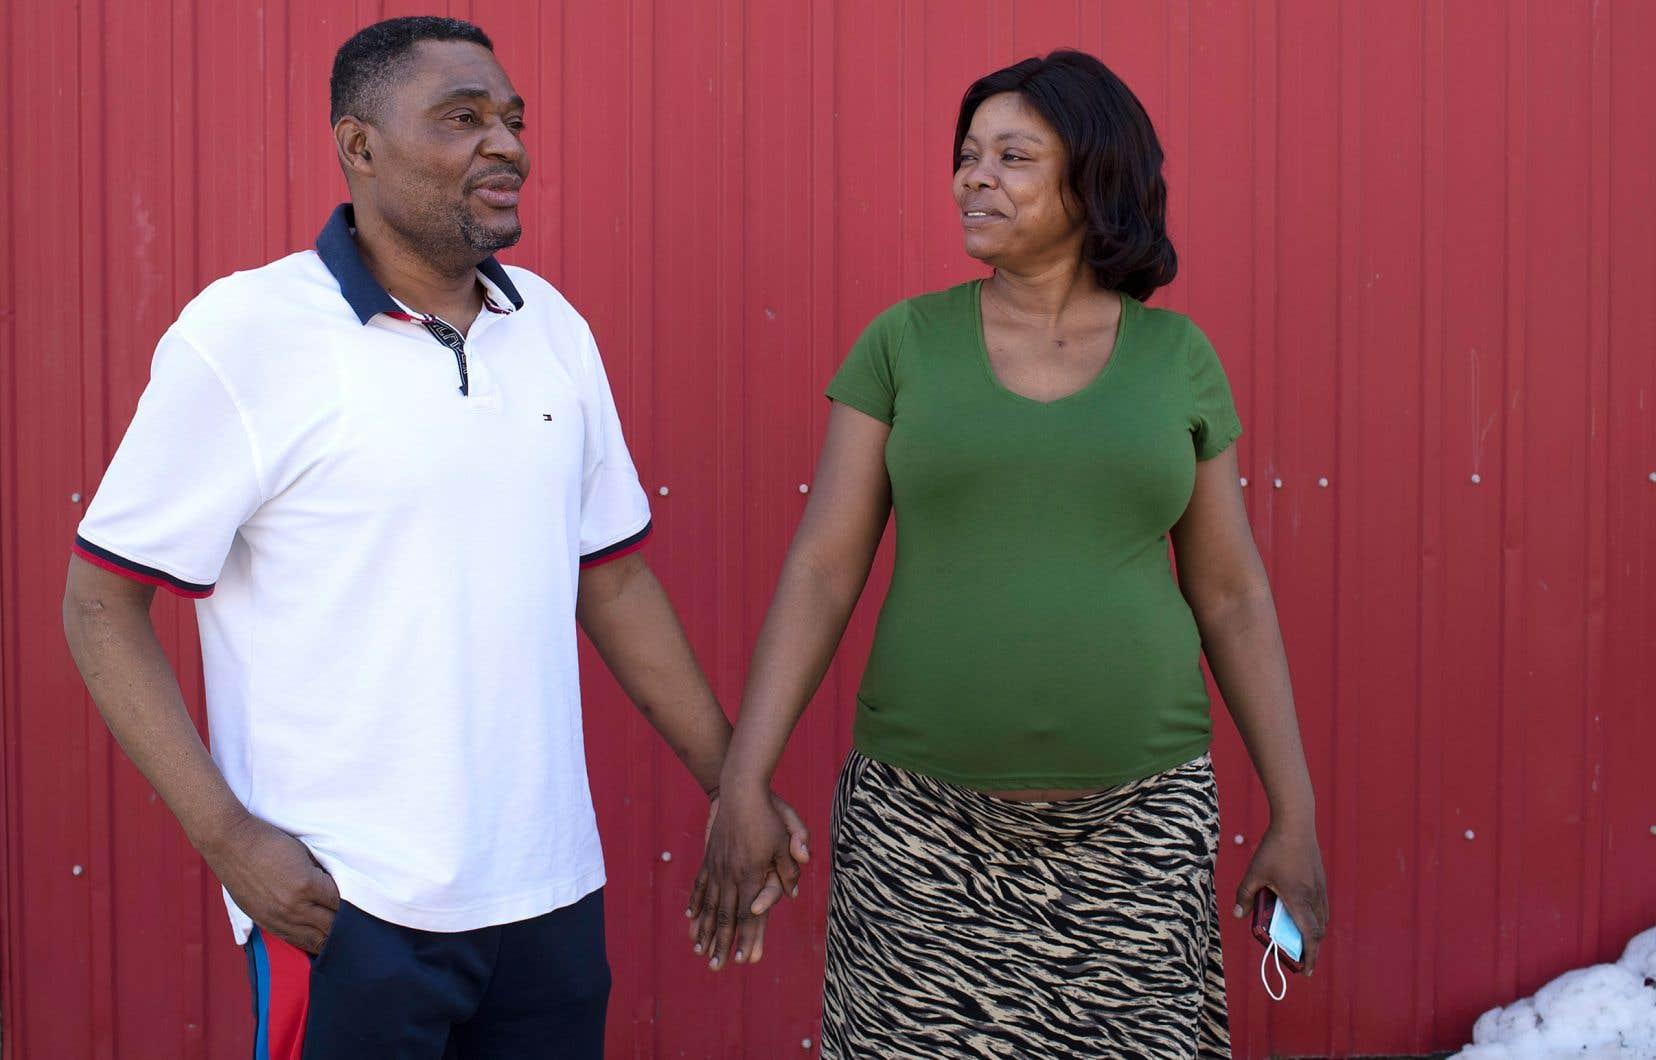 Luciano Sunda et Nathalie Florence Biagcheun vont recevoir dans quelques mois leur résidence permanente. La famille caresse le rêve d'ouvrir une épicerie avec des produits africains. Elle aura elle-même bientôt une troisième bouche à nourrir, avec un bébé déjà en route.